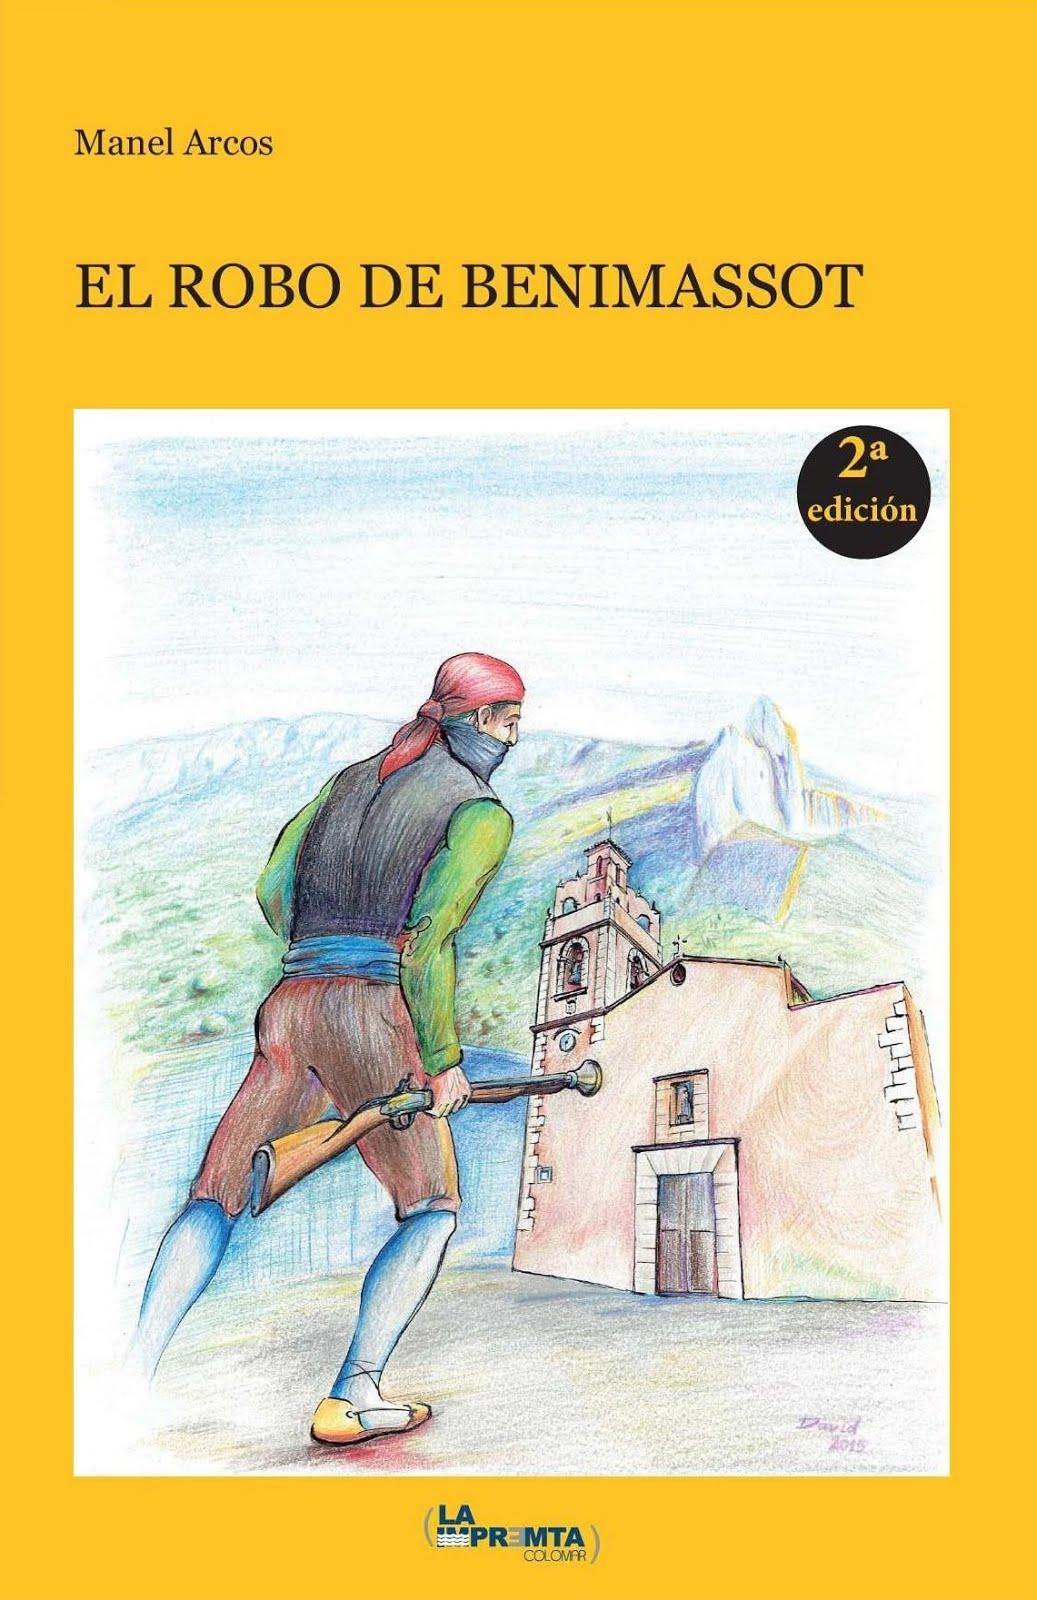 El robo de Benimassot (2a edició)